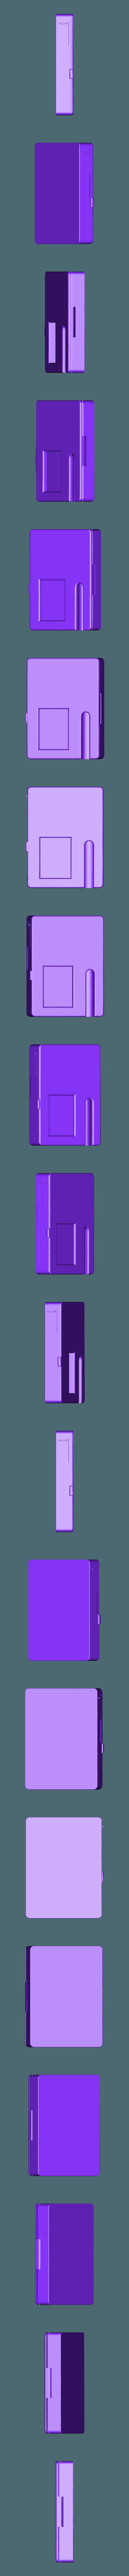 gluco_case_v15.stl Télécharger fichier STL gratuit glucomètre FreeStyle Optium Neo • Modèle pour impression 3D, rubenzilzer